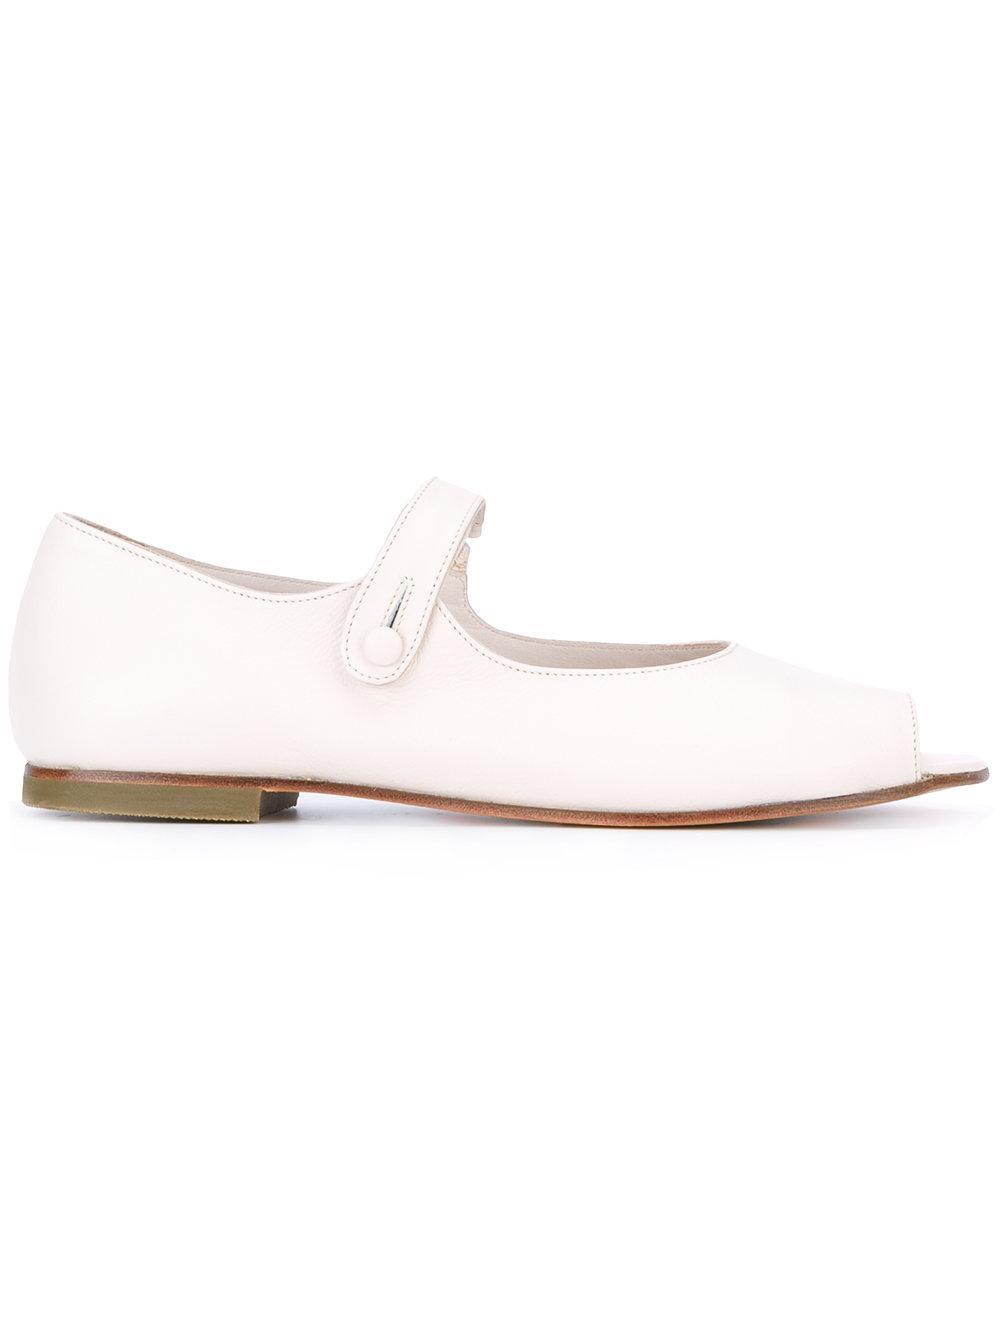 daniela gregis open toe sandals in white lyst